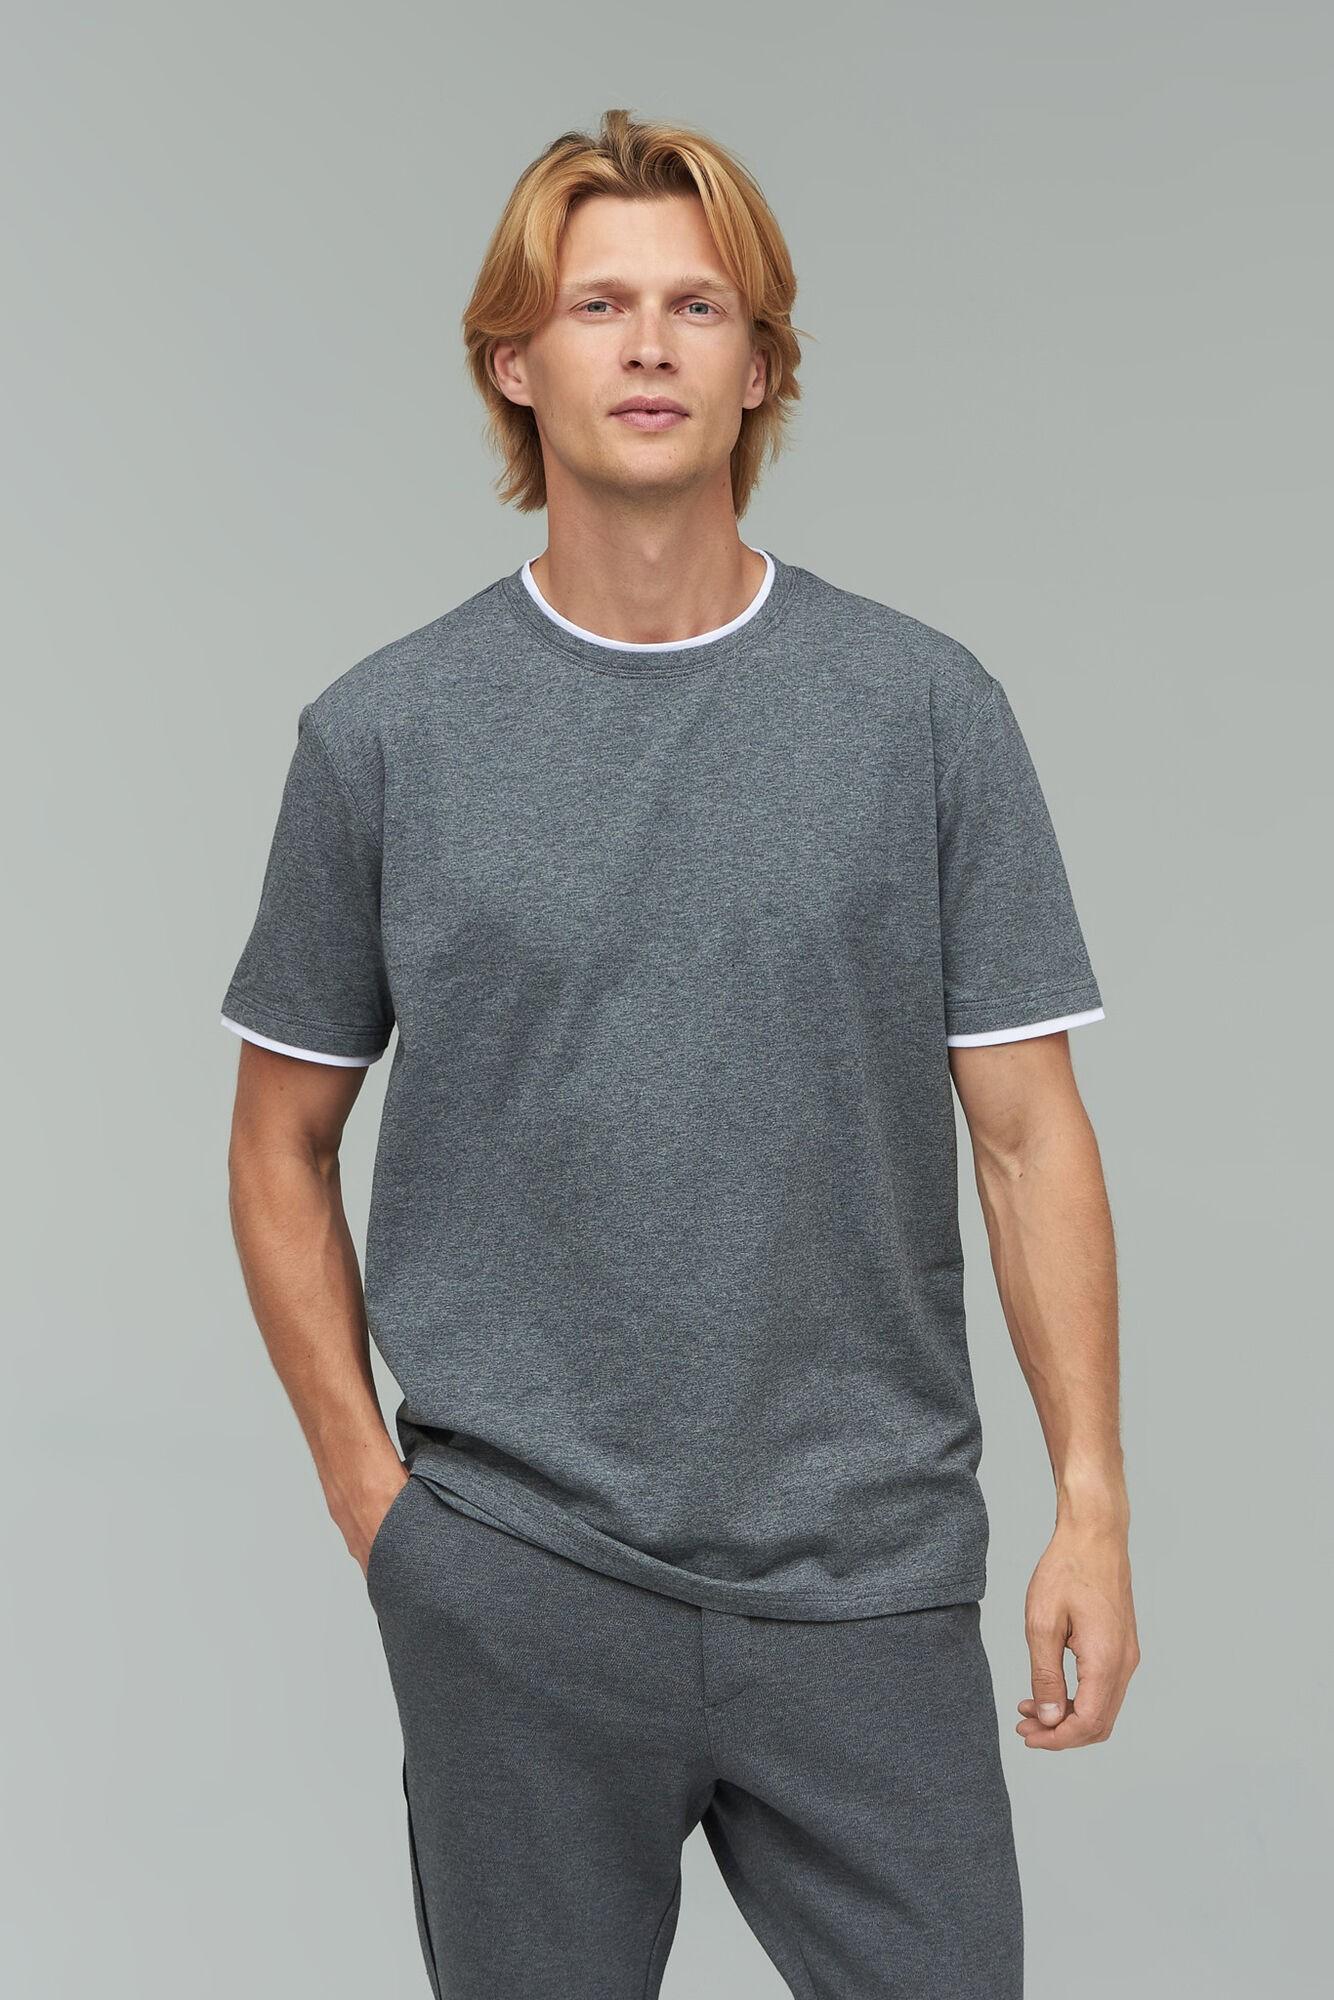 AUDIMAS Tamprūs medvilniniai marškinėliai 2021-642 Middle Grey Melange XXL